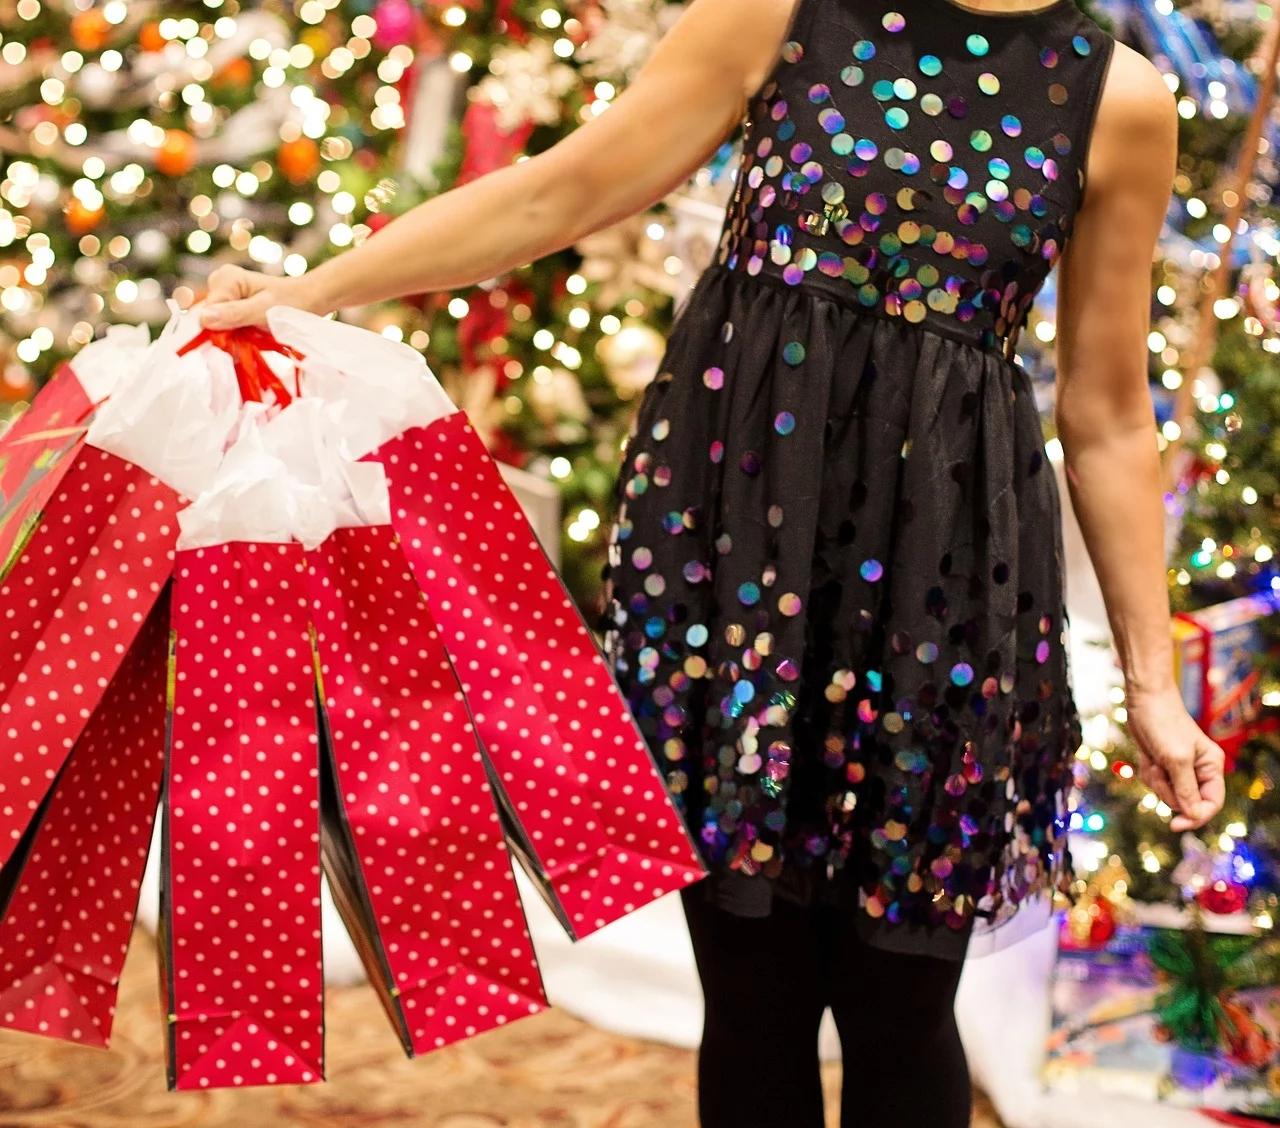 Poradnik finansowy last minute, czyli jak robić świąteczne zakupy, aby nie wpaść w długi